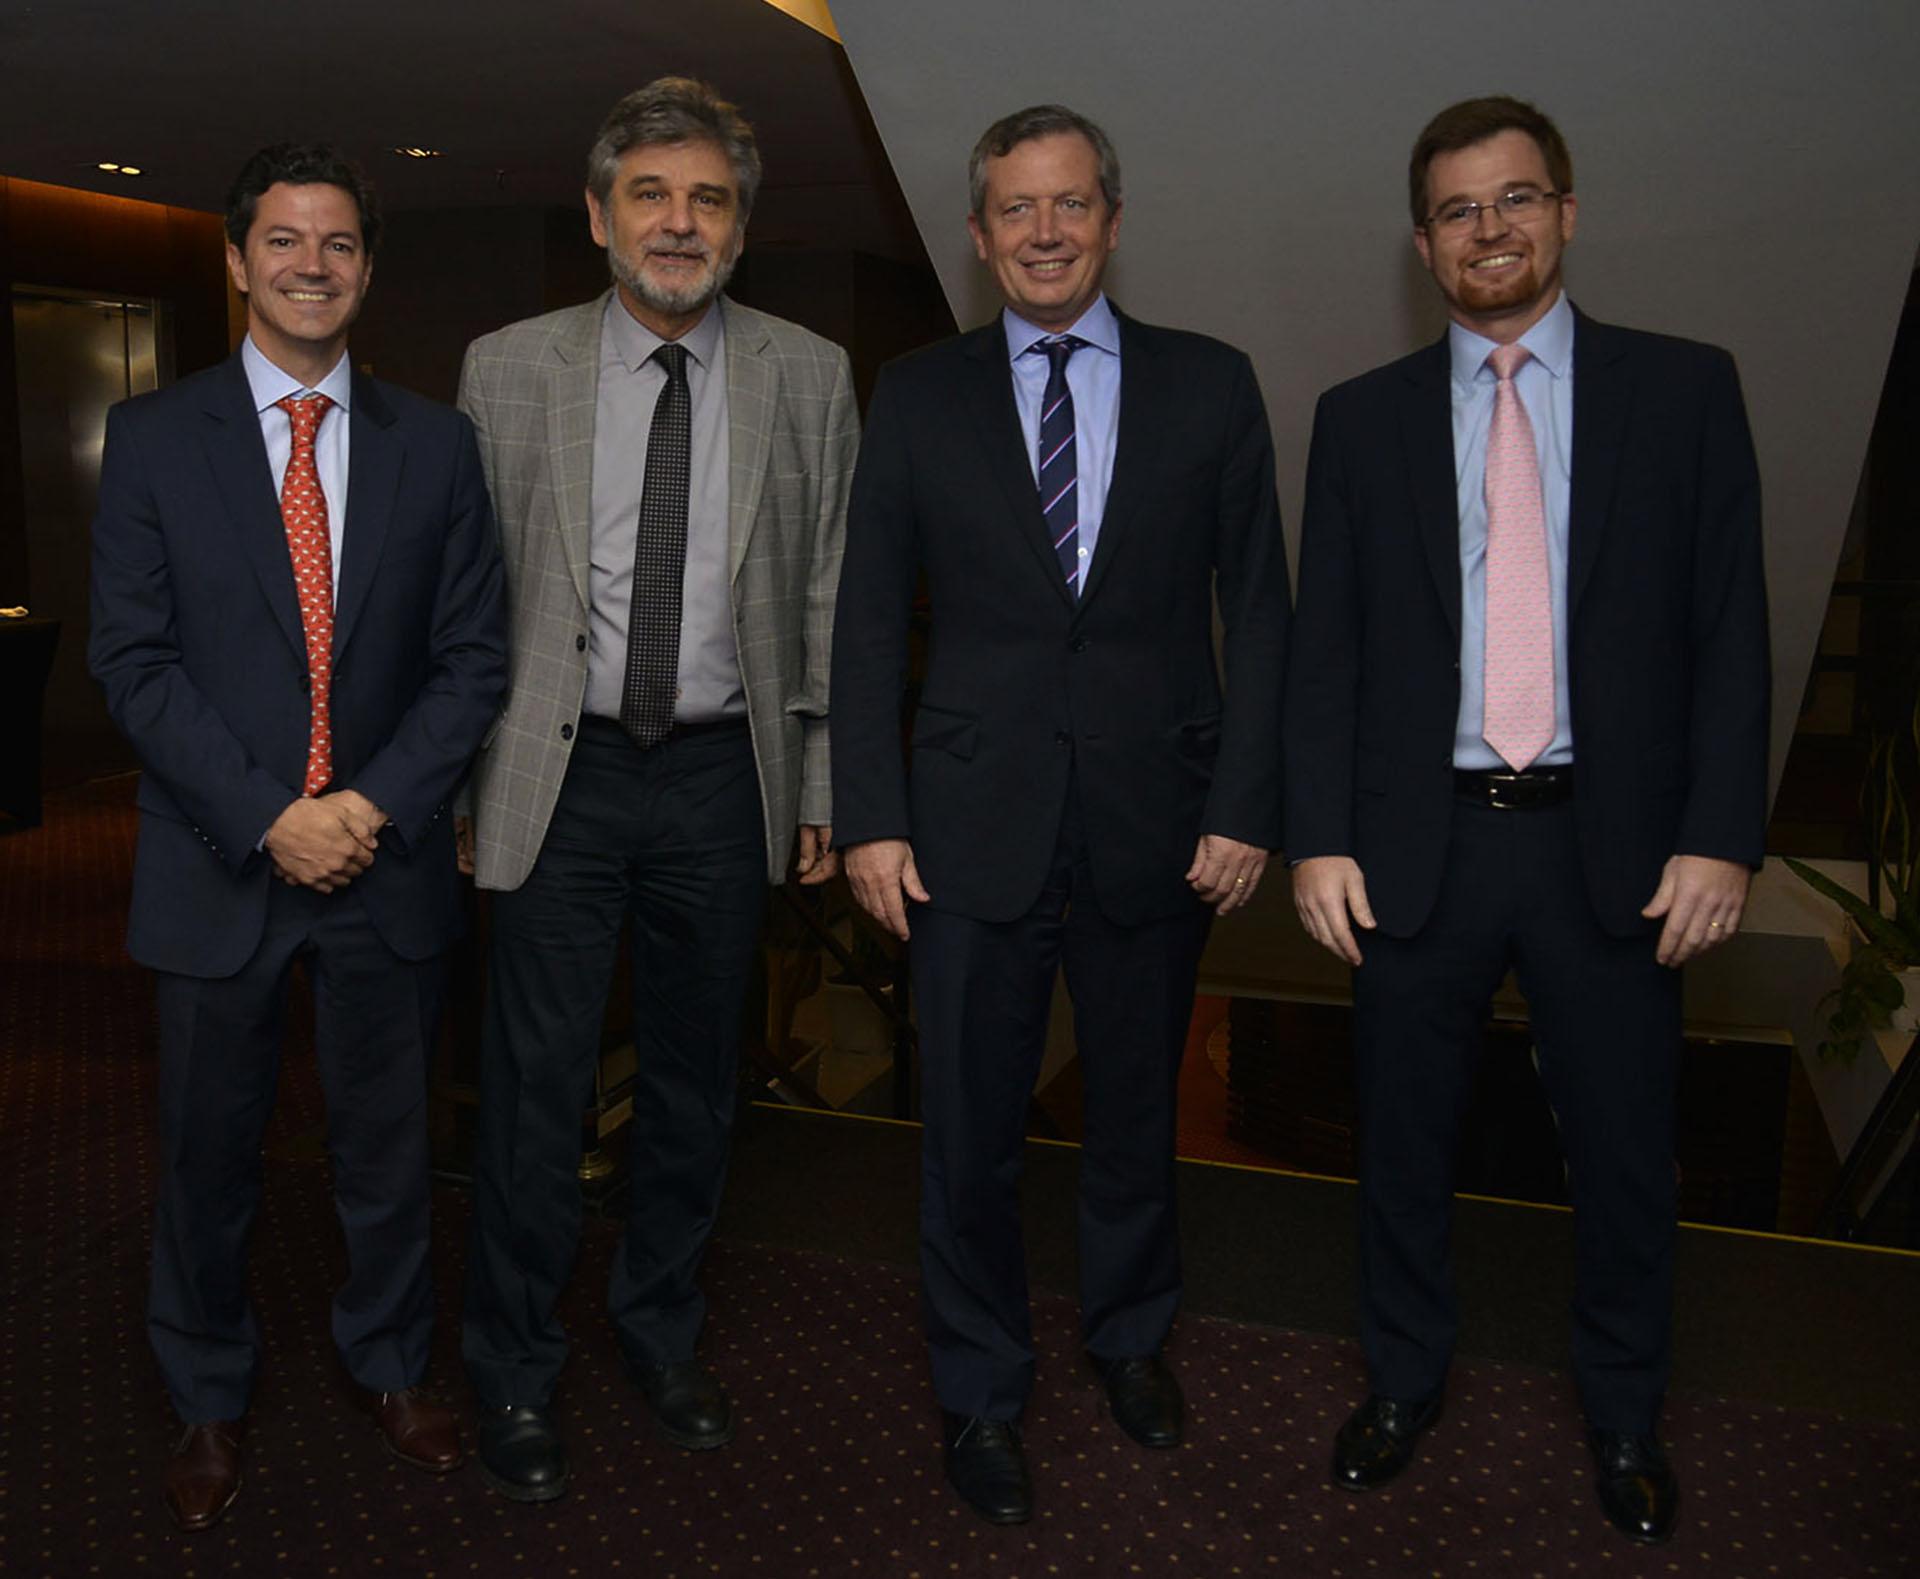 Los diputados nacionales Luciano Laspina, Daniel Filmus, Emilio Monzó y Nicolás Massot